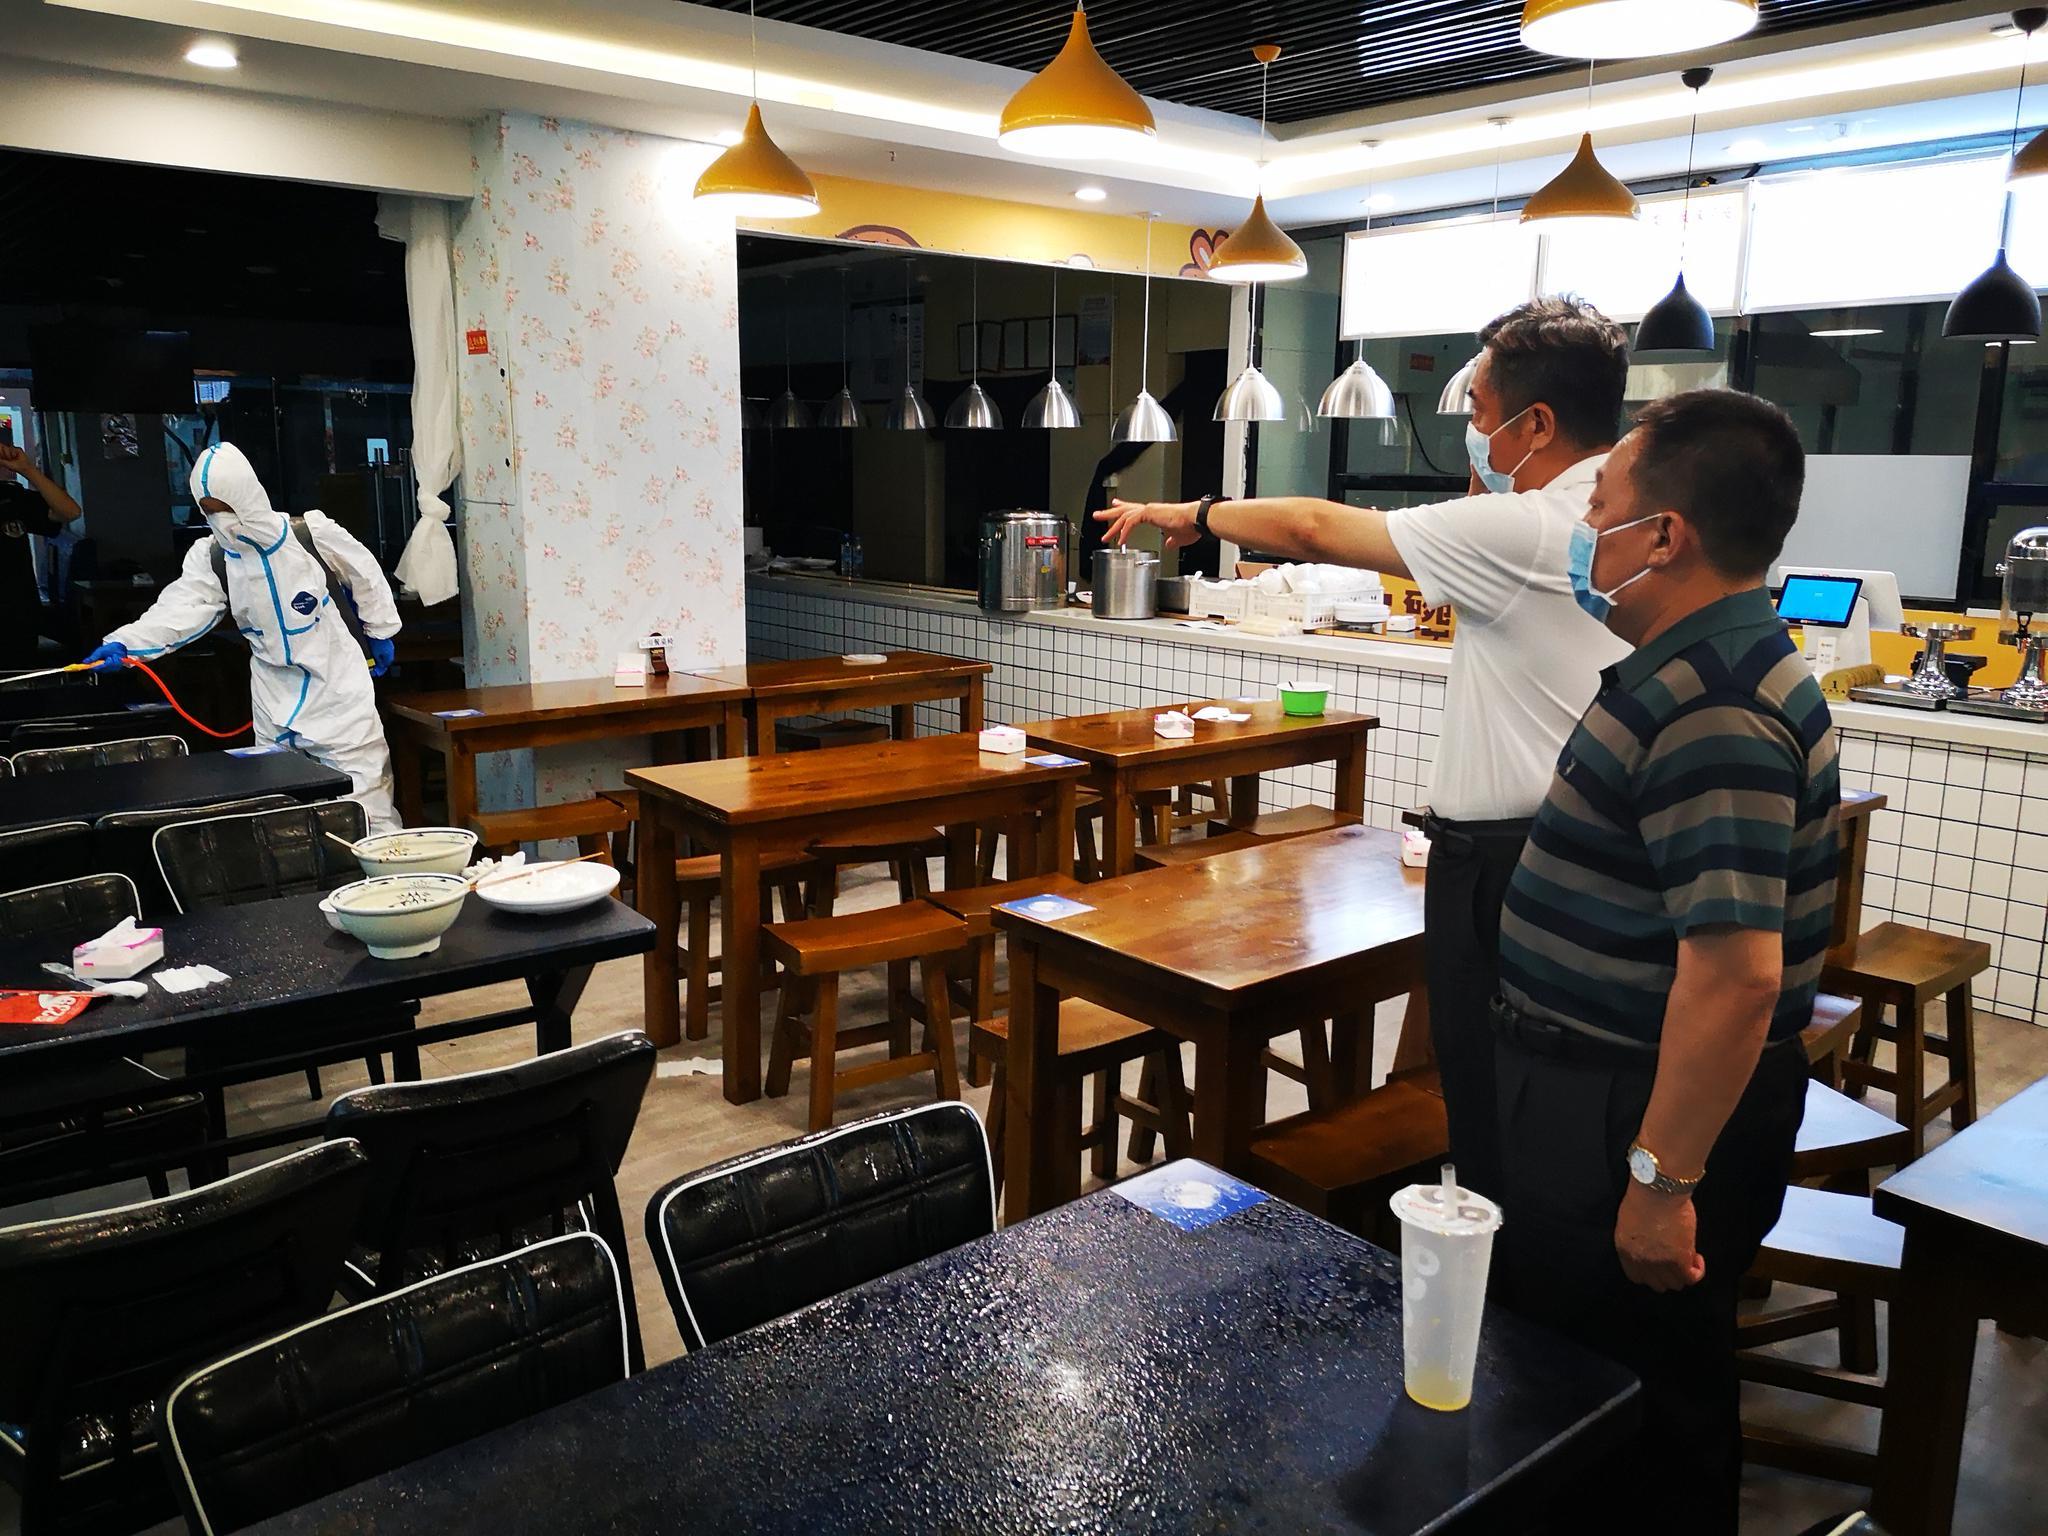 石景山区开展餐饮单位消杀工作。石景山区供图